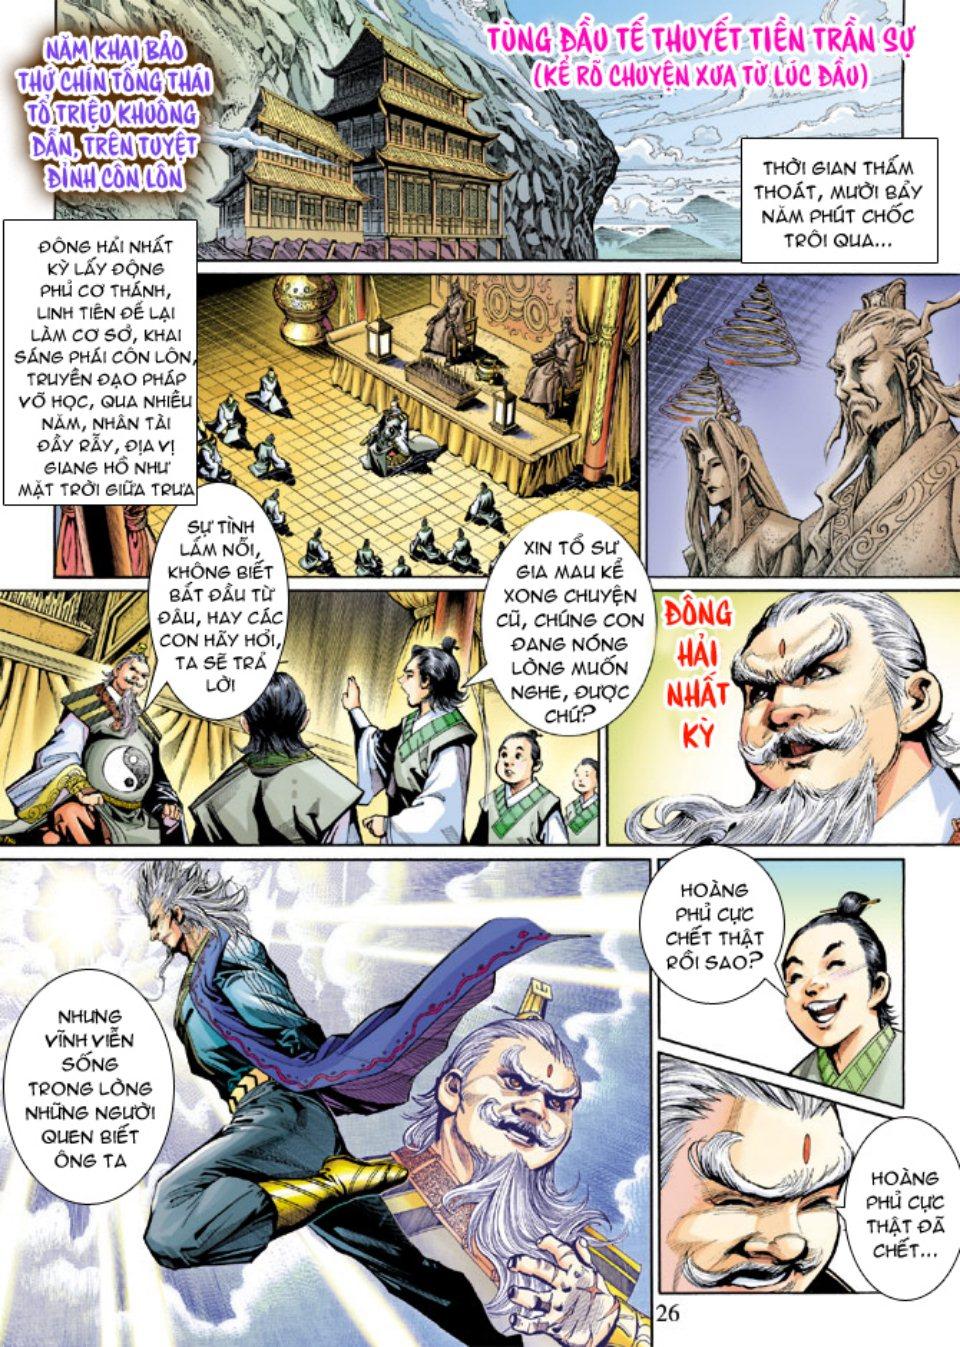 Thiên Tử Truyền Kỳ 5 - Như Lai Thần Chưởng chap 214 - Trang 25